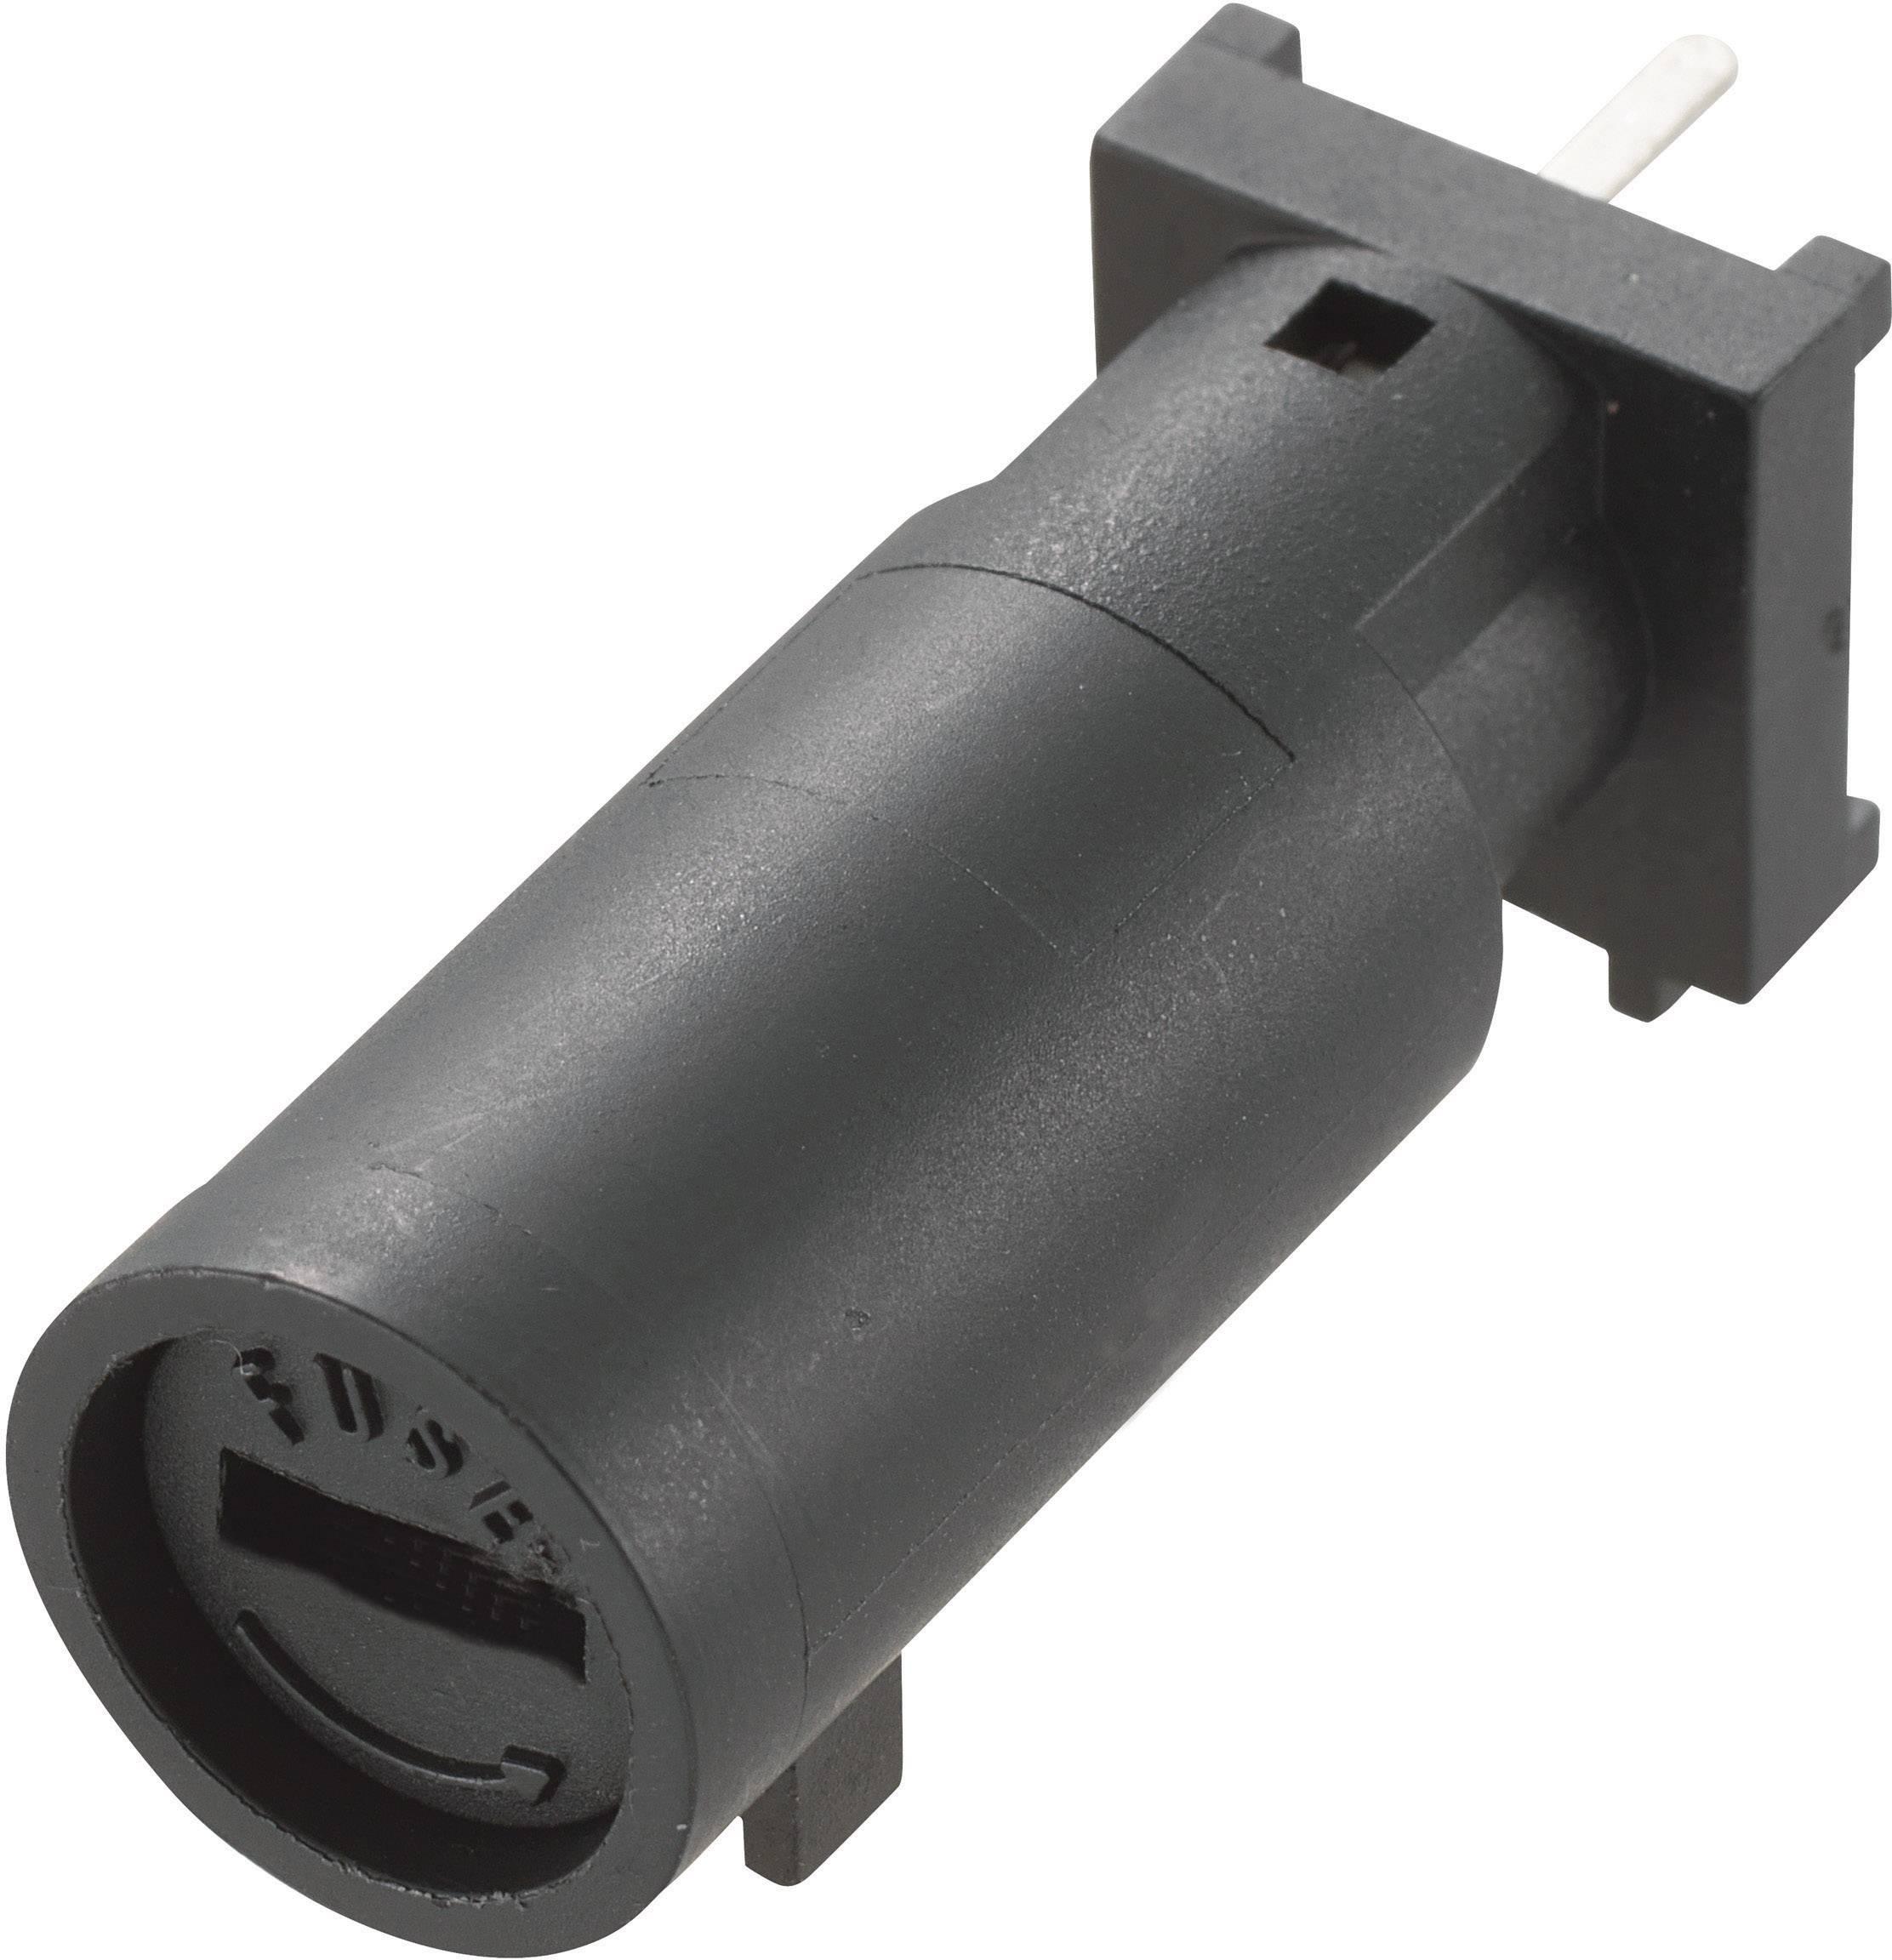 Držák pojistky TRU COMPONENTS MF-561 701752, vhodné pro pojistky 5 x 20 mm, 10 A, 250 V/AC, 1 ks